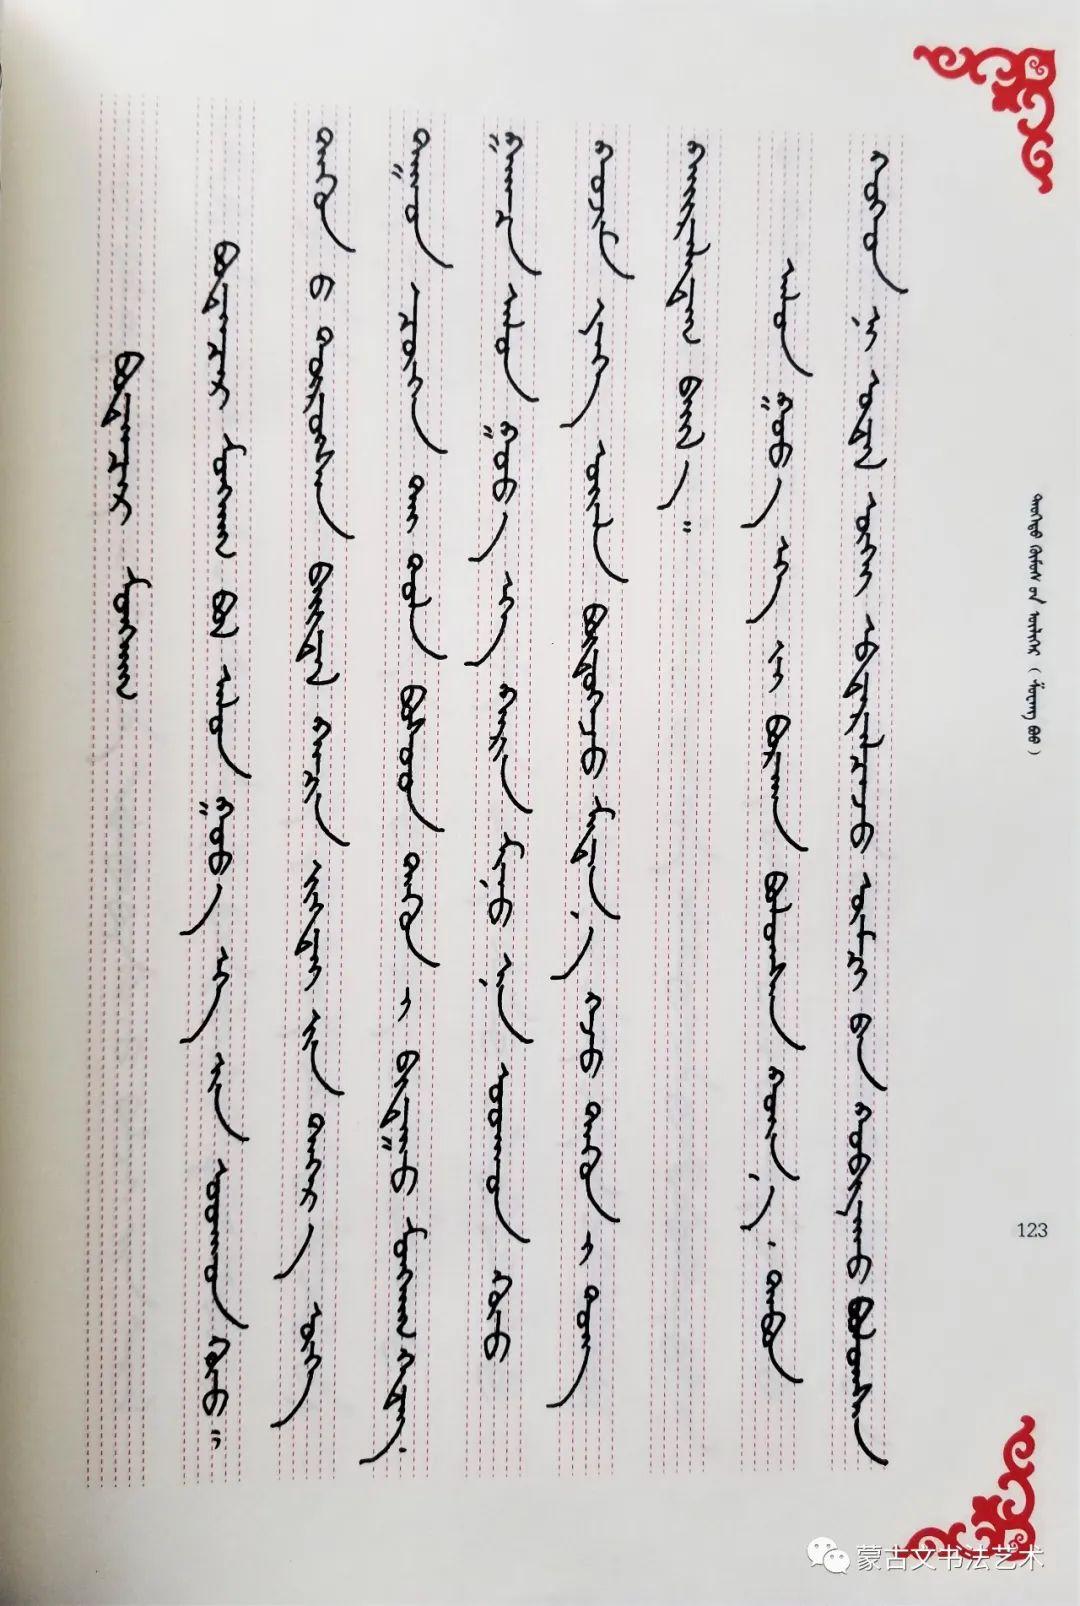 奈曼旗蒙古族实验小学十人《蒙古文钢笔规范字》 第43张 奈曼旗蒙古族实验小学十人《蒙古文钢笔规范字》 蒙古书法